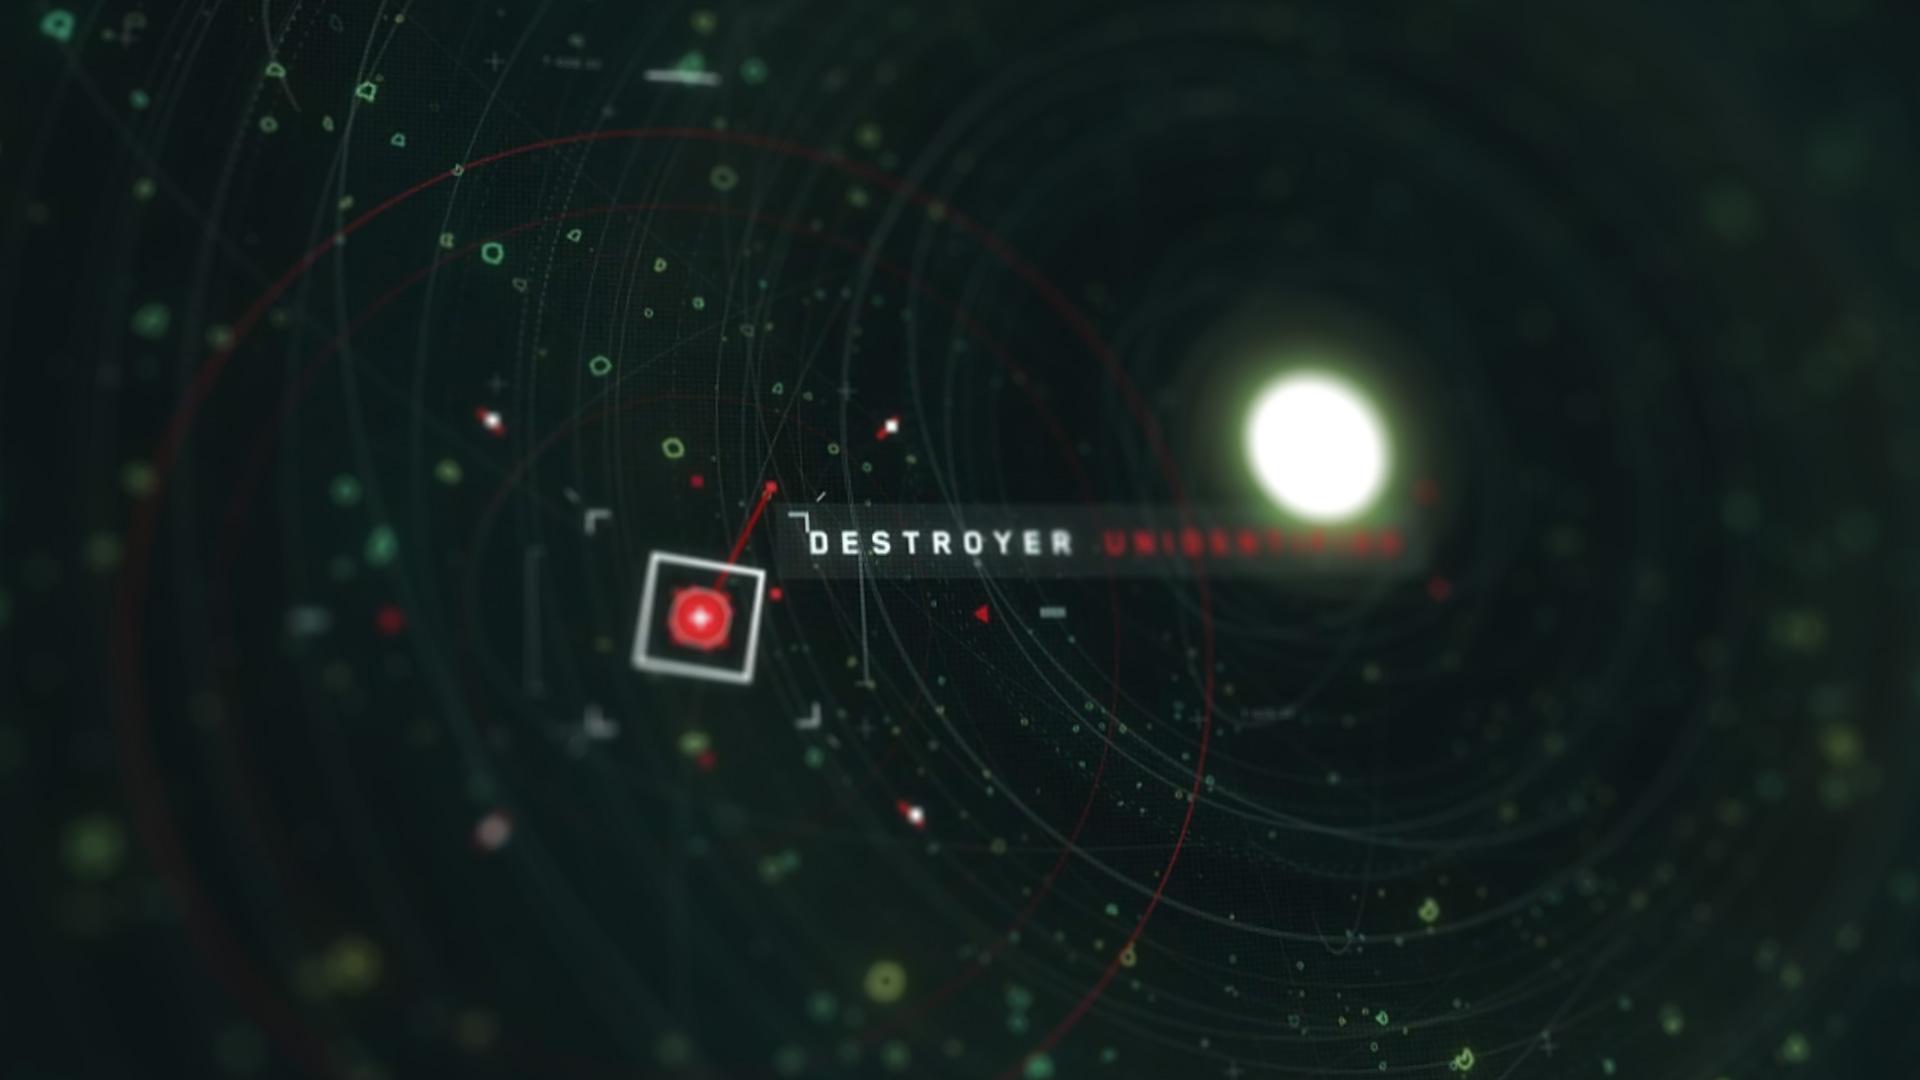 042_JA_Asteroid_v003_[00000-00430] (00108).jpg